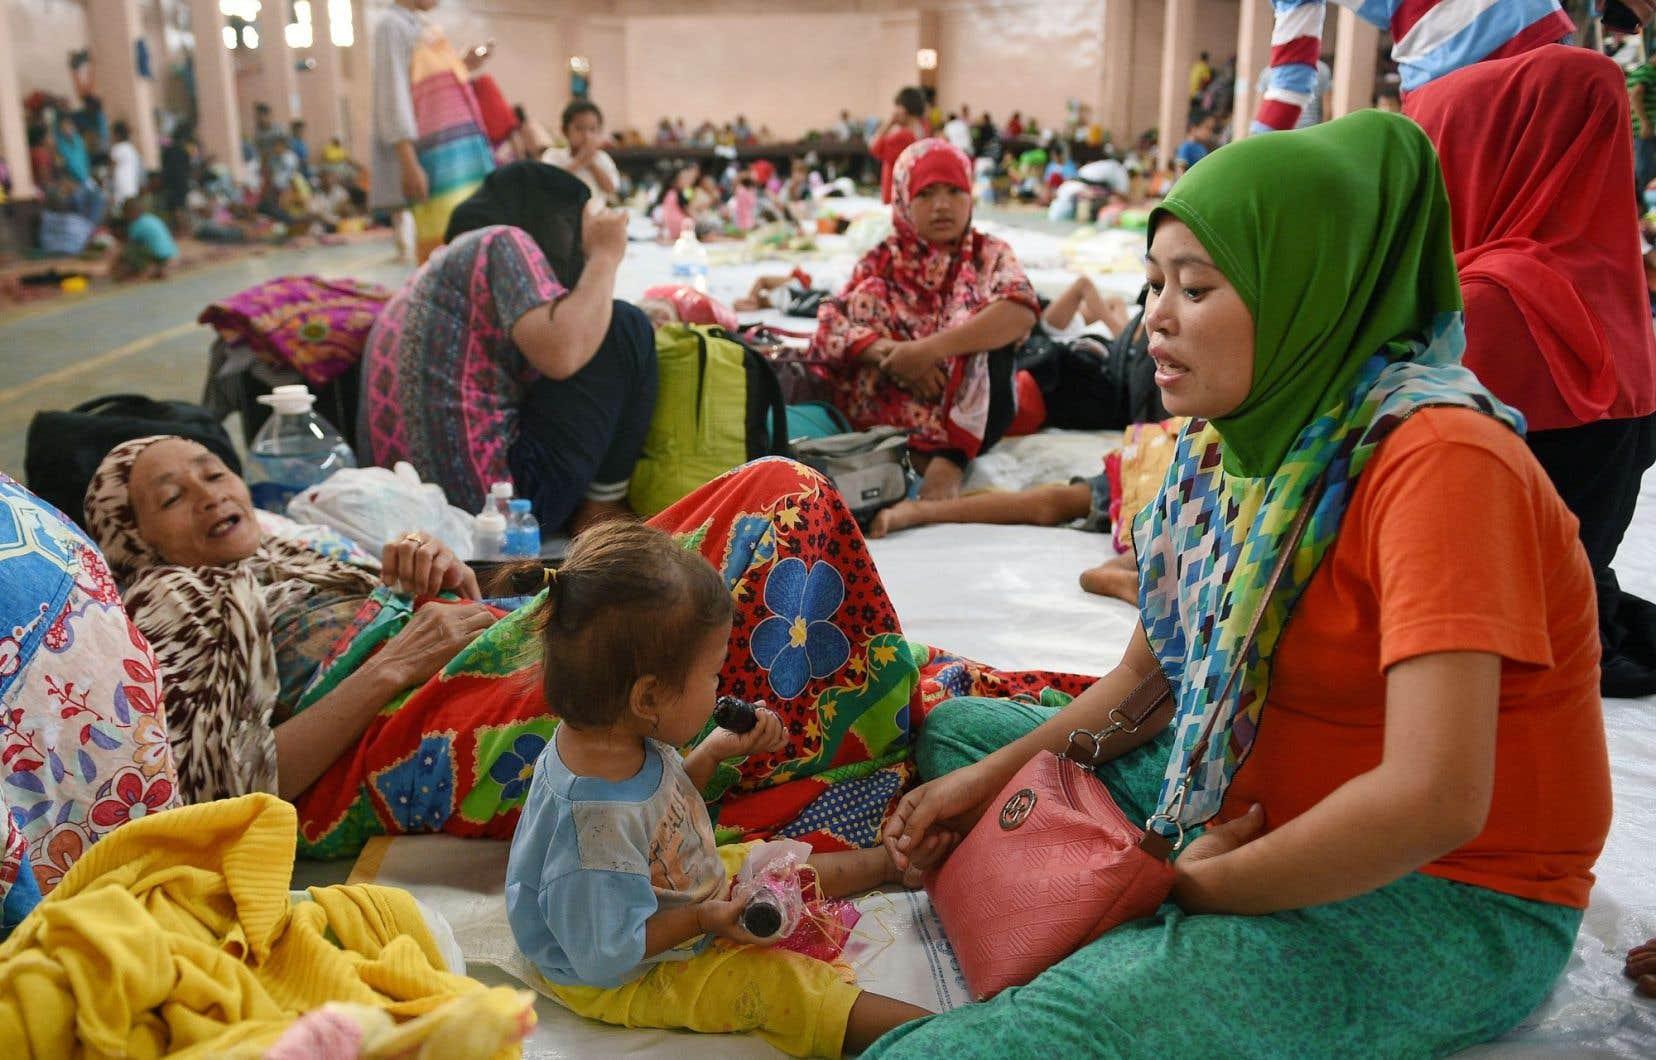 La violence dans les rues de Marawi a poussé des milliers de personnes à prendre la fuite, se réfugiant dans un centre d'évacuation à Balo-i, sur l'île de Minanao.